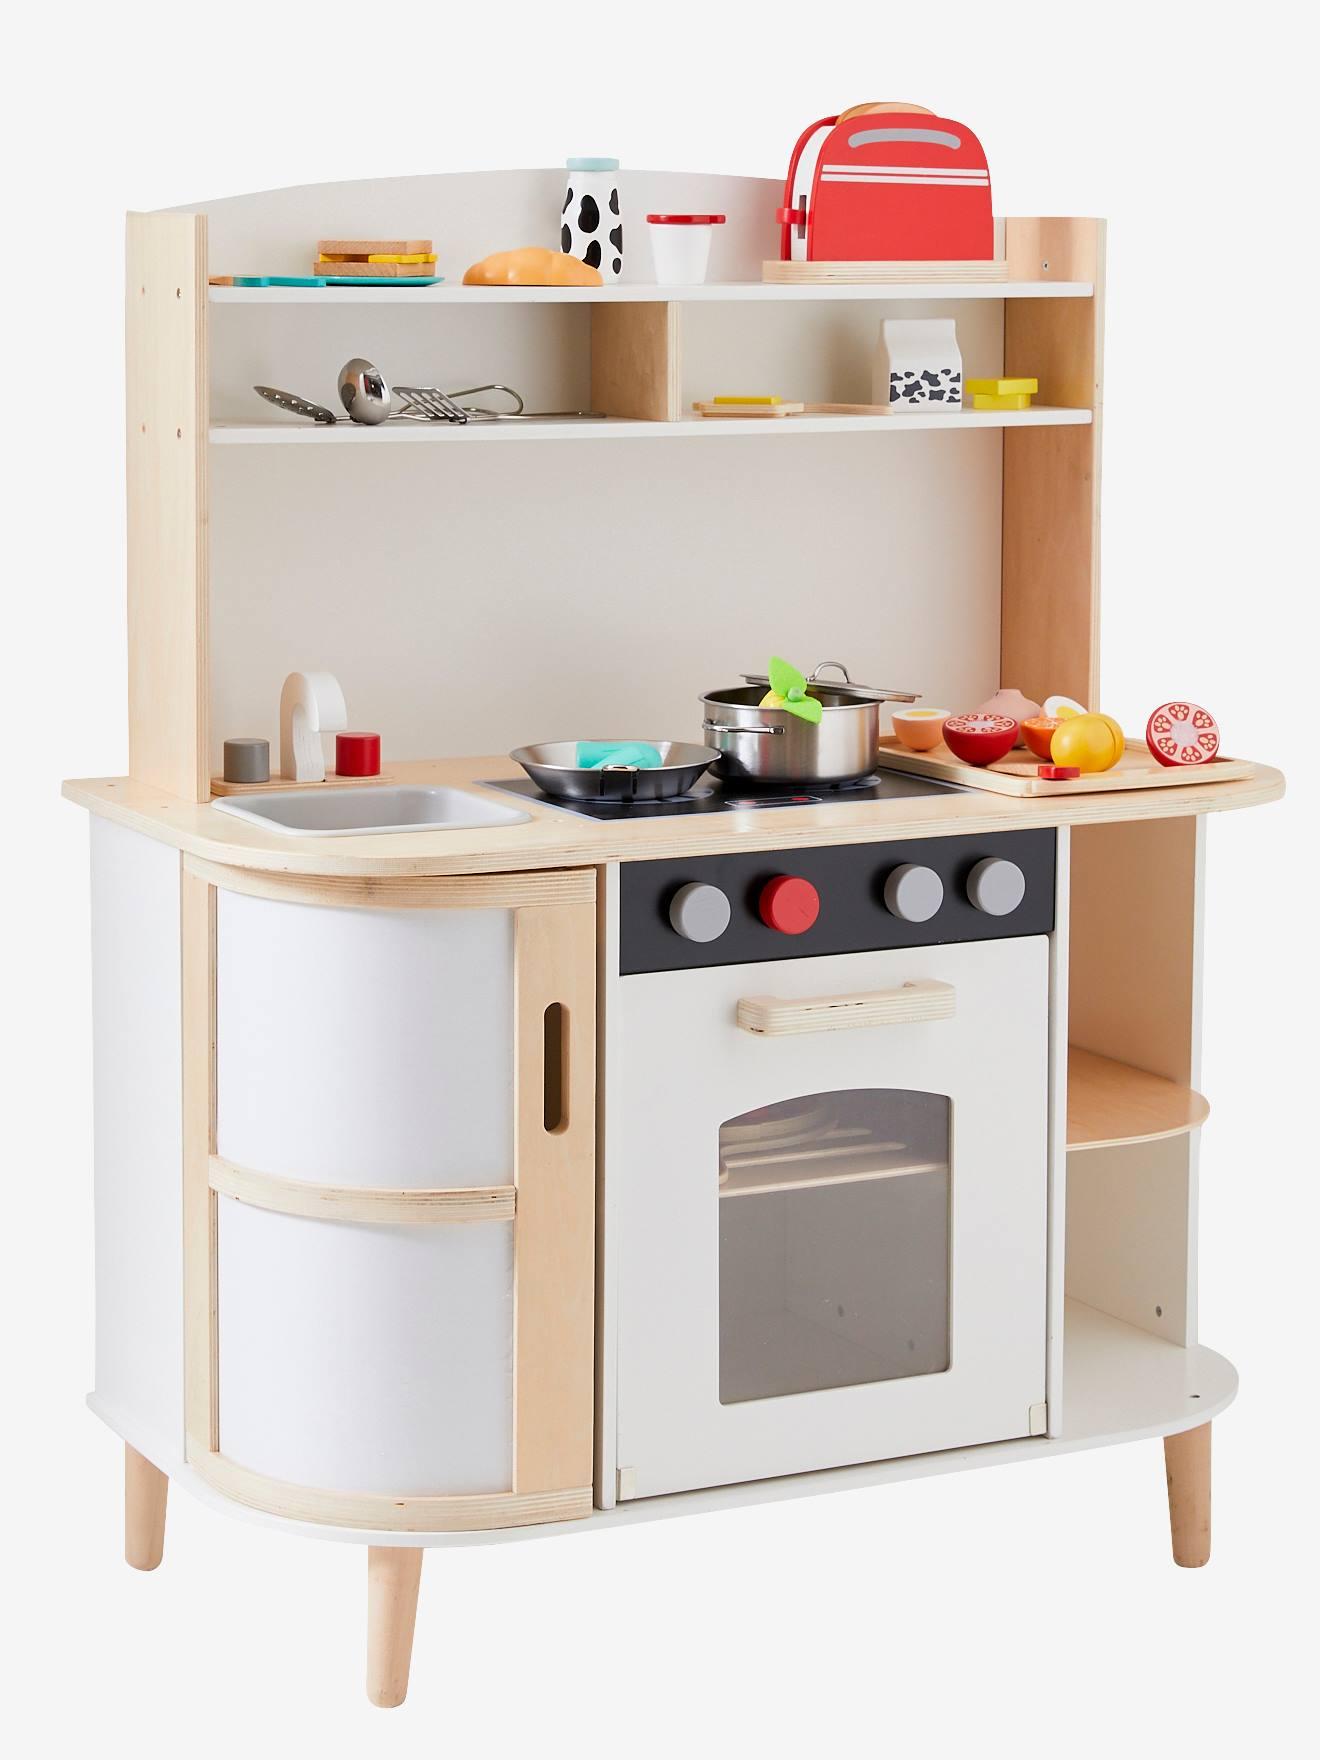 Full Size of Vertbaudet Spielkche Haute Cuisine In Wei Natur Kinder Spielküche Wohnzimmer Spielküche